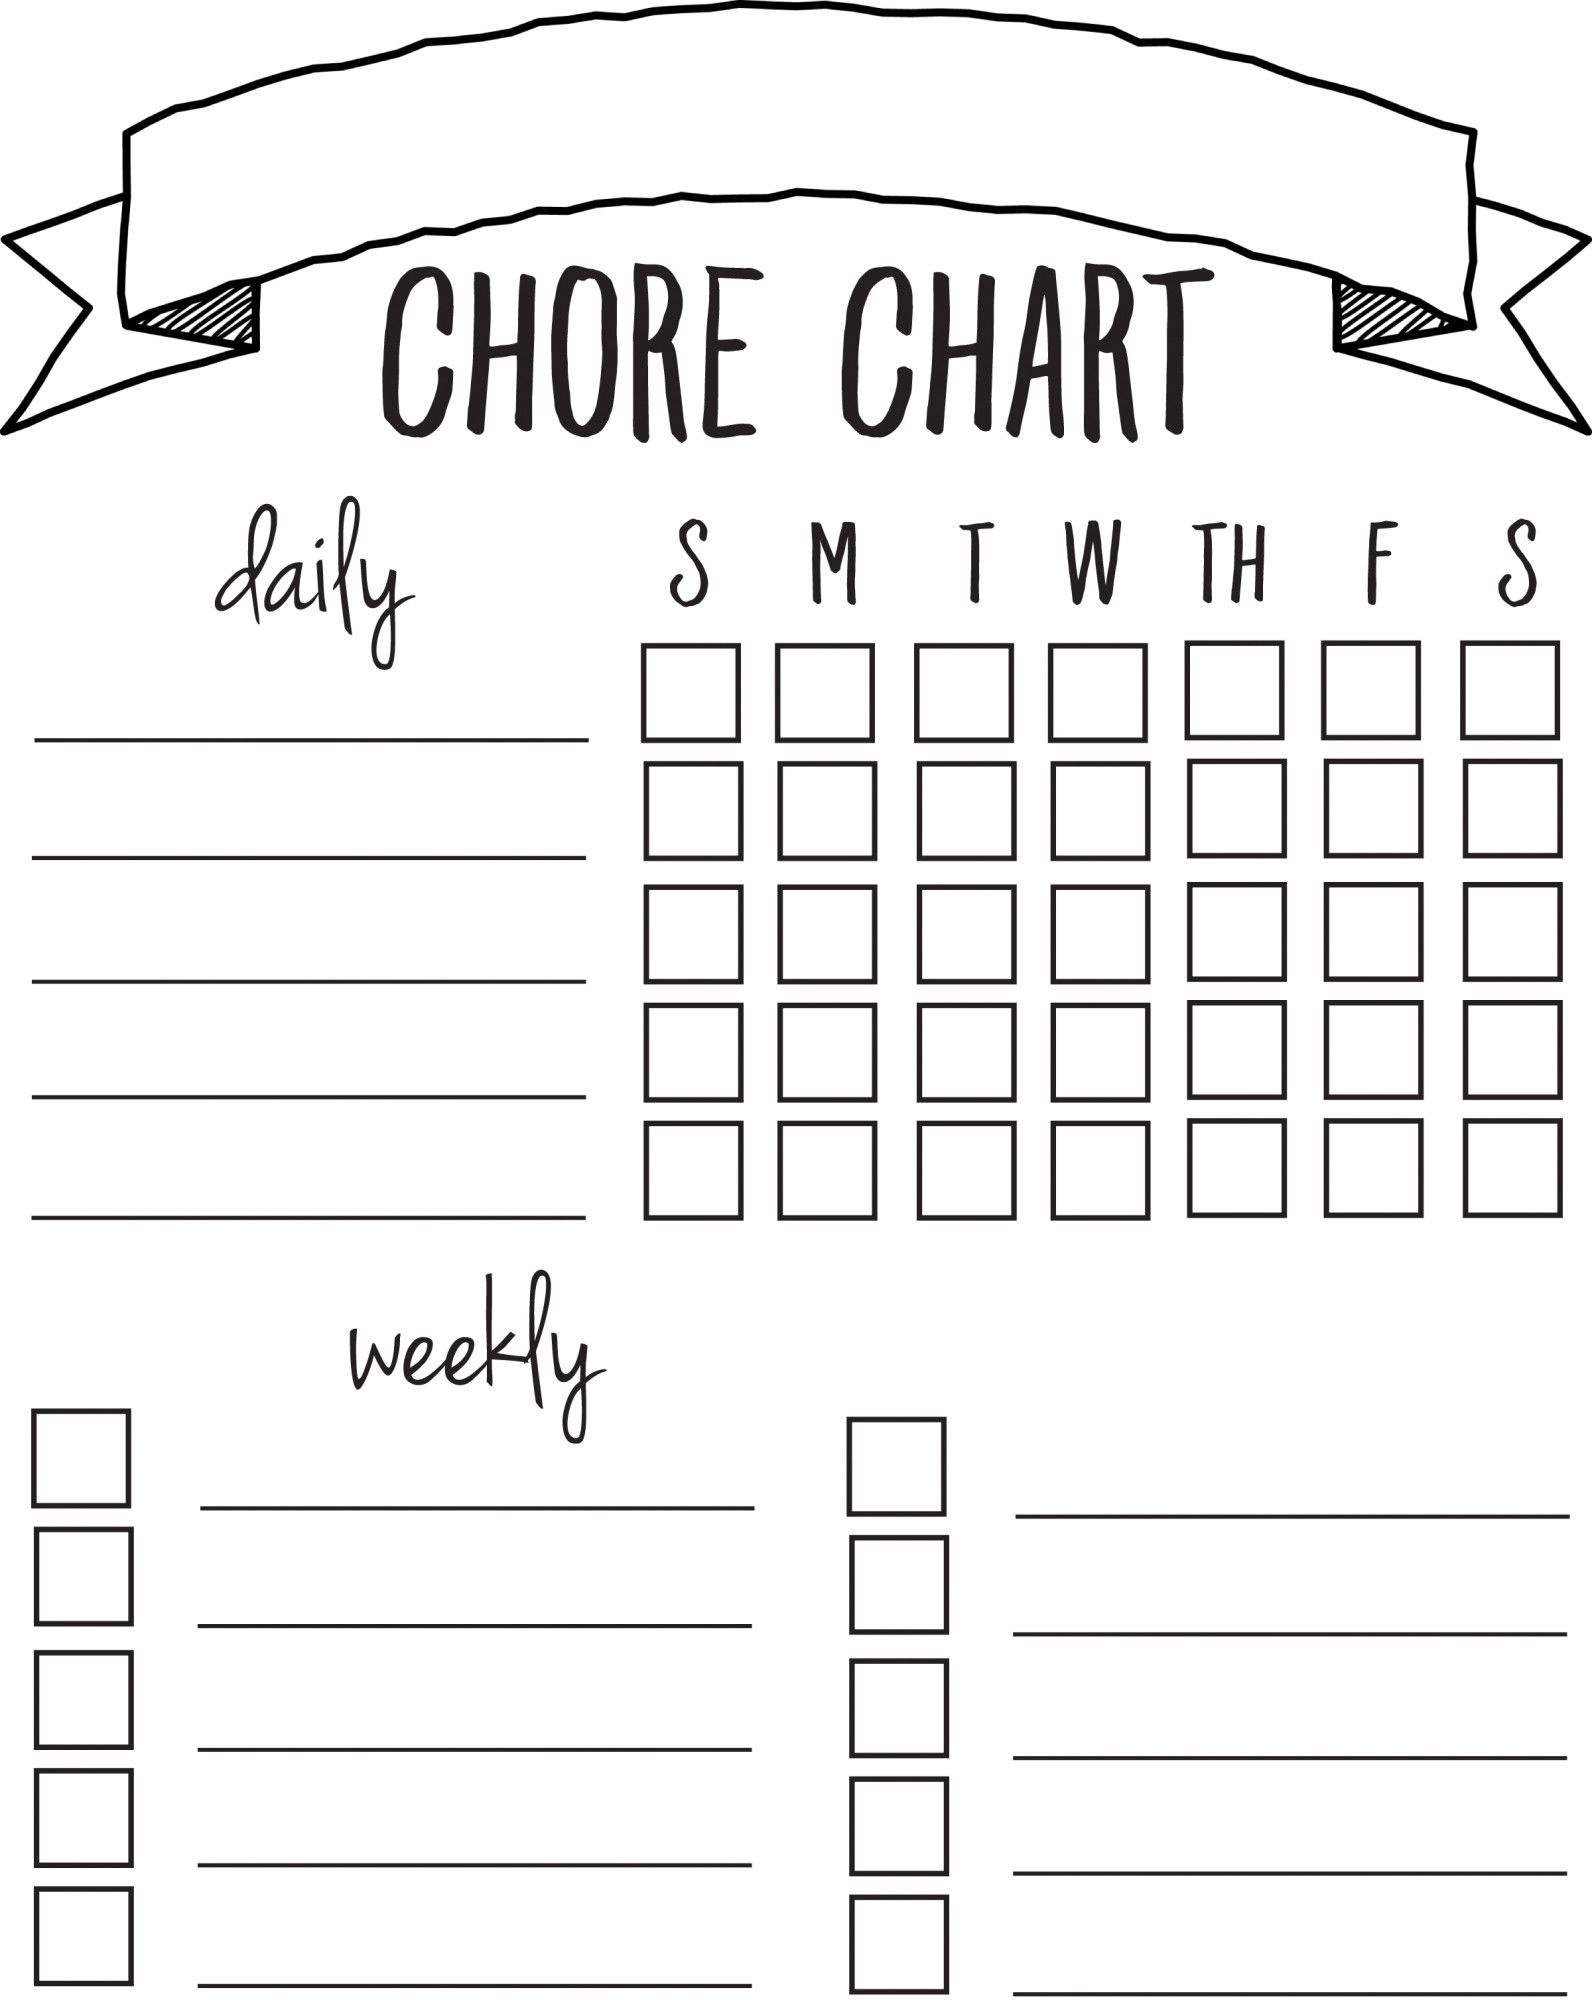 Diy Printable Chore Chart | Free Printables Nov/feb | Chore Chart - Free Printable Chore Charts